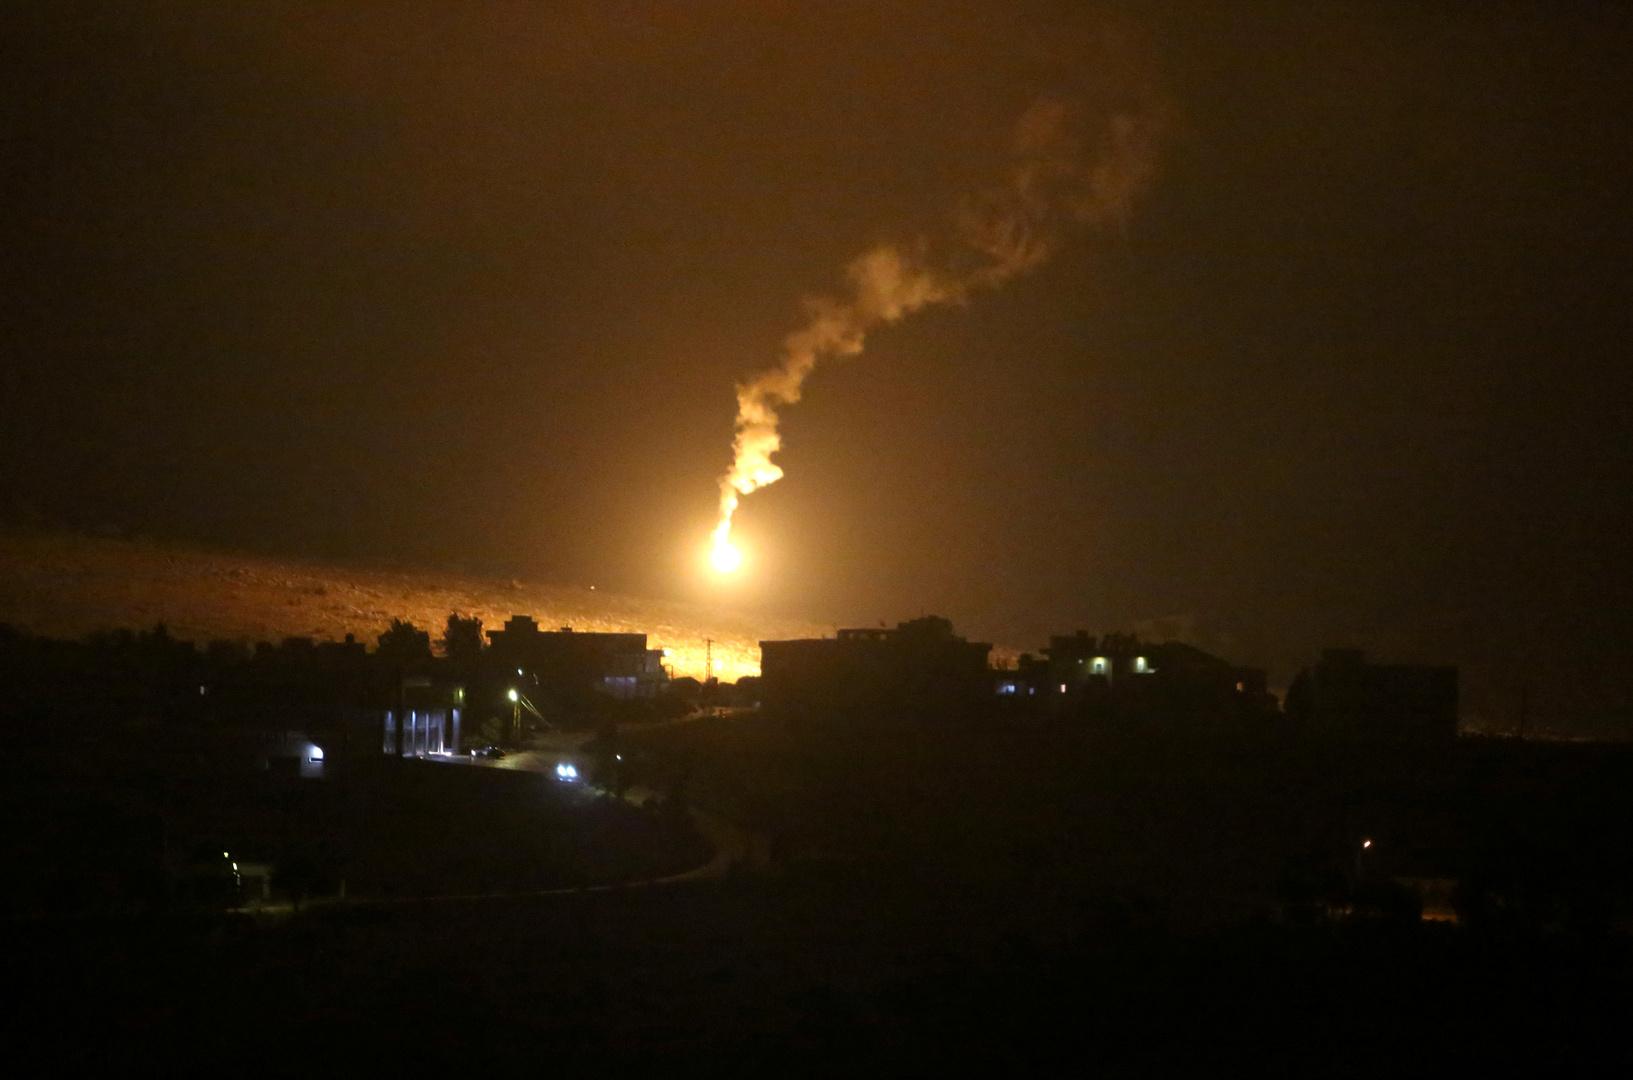 صافرات الإنذار تدوي في إسرائيل على الحدود مع لبنان وسماع دوي انفجارات